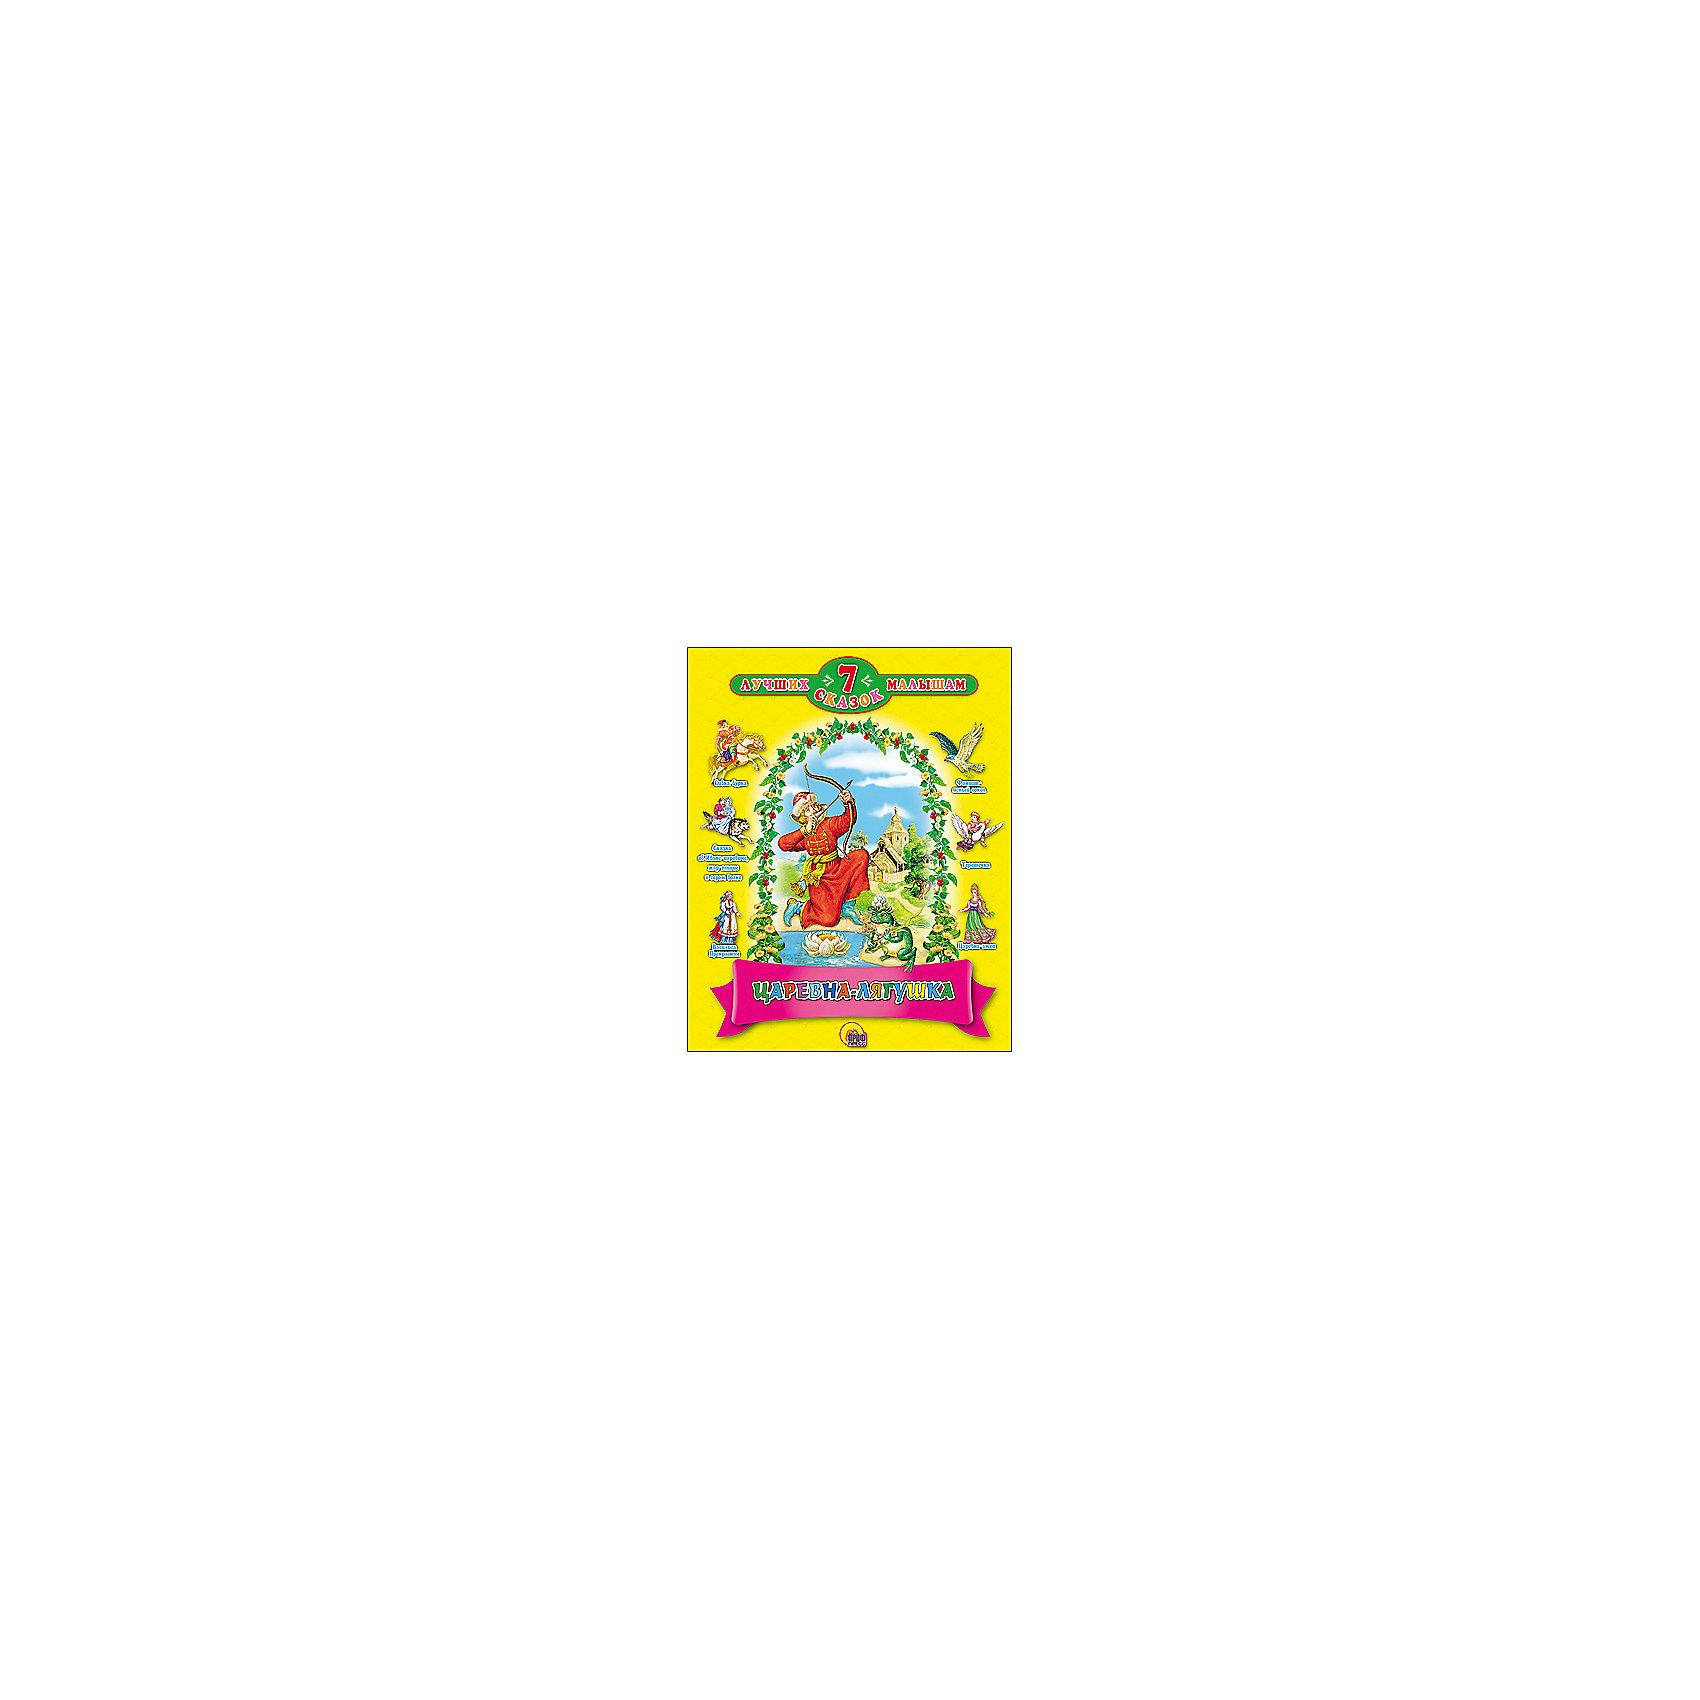 Царевна - лягушка  (10 шт), 7 сказокВ книге Царевна-лягушка собраны 7 лучших русских народных сказок для вашего малыша. Узнав про Ивана Царевича, Сивку-Бурку и Василису прекрасную, ребенок научится мудрости, доброте и сможет познакомиться с русской культурой. Такая книжка обязательно займет достойное место в библиотеке малыша!<br>Содержание: Царевна-лягушка, Сивка-бурка, Сказка об Иване-царевиче, жар-птице и сером волке, Василиса Прекрасная, Финист - ясный сокол, Терёшечка, Царевна-змея<br>Дополнительная информация:<br>Издательство: Проф-Пресс<br>Художники: Игорь Егунов, М. Ордынская<br>Год выпуска: 2016<br>Серия: 7 лучших сказок малышам<br>Обложка: твердый переплет<br>Иллюстрации: цветные<br>Количество страниц: 80<br>ISBN:978-5-378-19999-0<br>Размер: 19х1х20 см<br>Вес: 310 грамм<br>Книгу Царевна-лягушка можно купить в нашем интернет-магазине.<br><br>Ширина мм: 200<br>Глубина мм: 10<br>Высота мм: 190<br>Вес г: 310<br>Возраст от месяцев: 0<br>Возраст до месяцев: 36<br>Пол: Унисекс<br>Возраст: Детский<br>SKU: 4905883